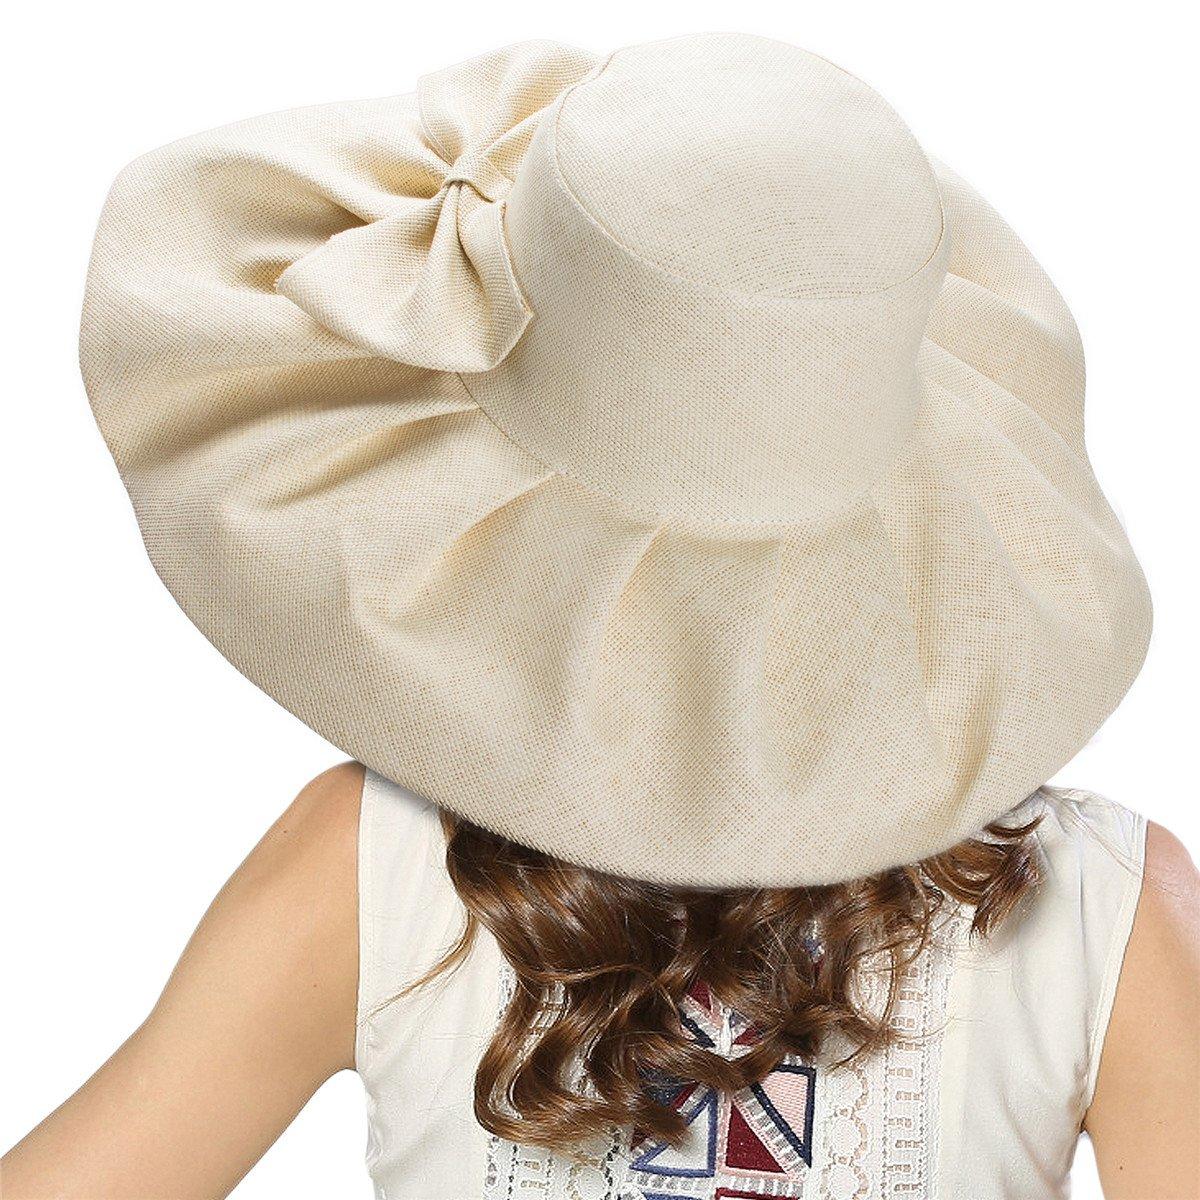 Linen Summer Womens Kentucky Derby Wide Brim Sun Hat Wedding Church Sea Beach A047 (Natural)